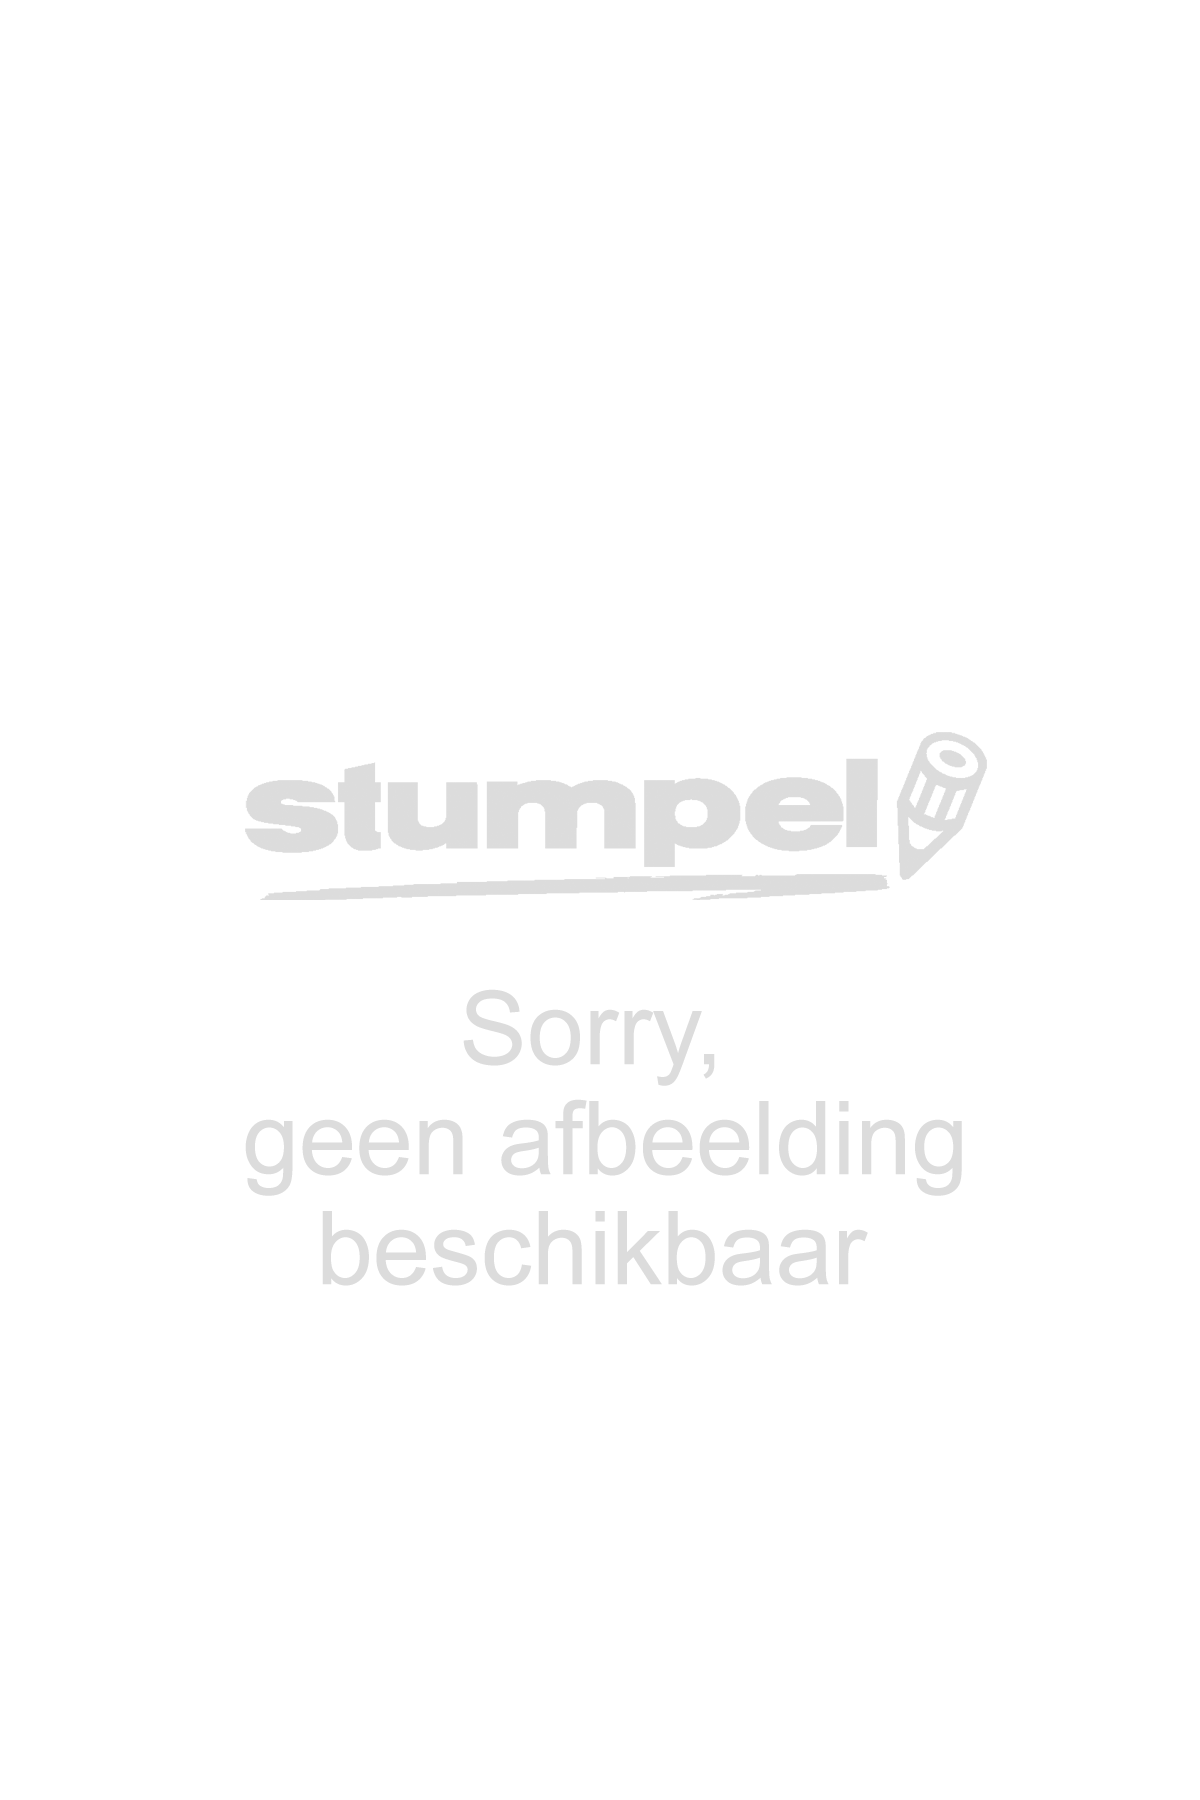 opbergstrip-tijdschrift-durable-2-4-11r-314599